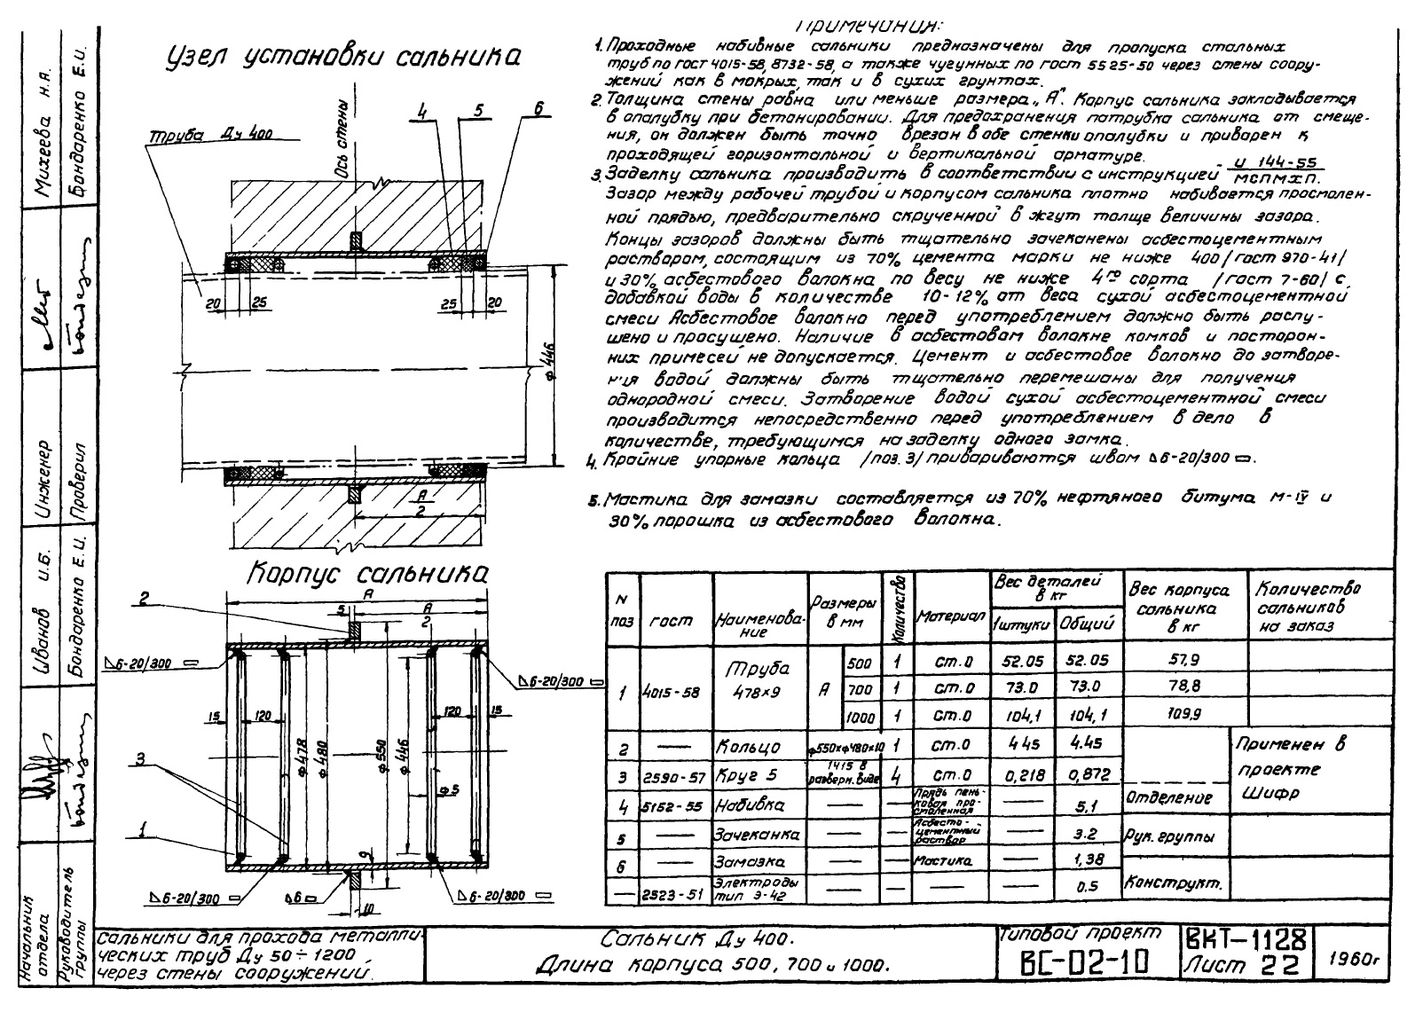 Сальники набивные L = 1000 мм типовой проект ВС-02-10 стр.10